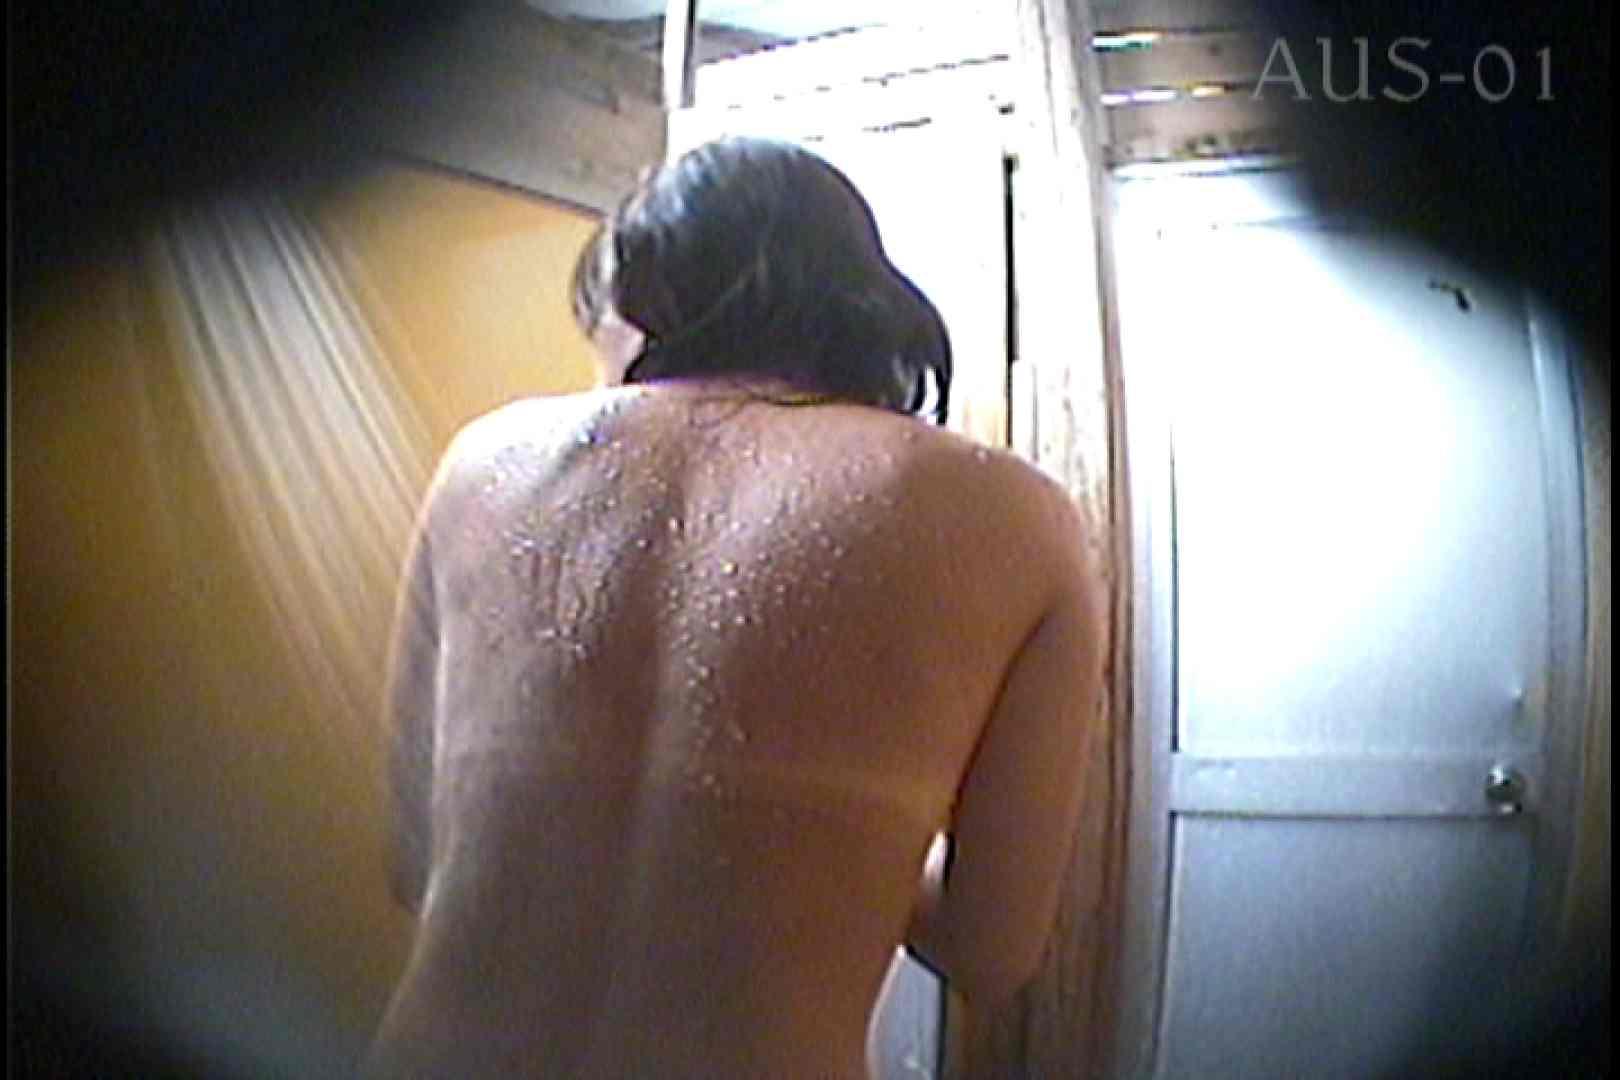 海の家の更衣室 Vol.01 OLのボディ   シャワー  105PIX 43